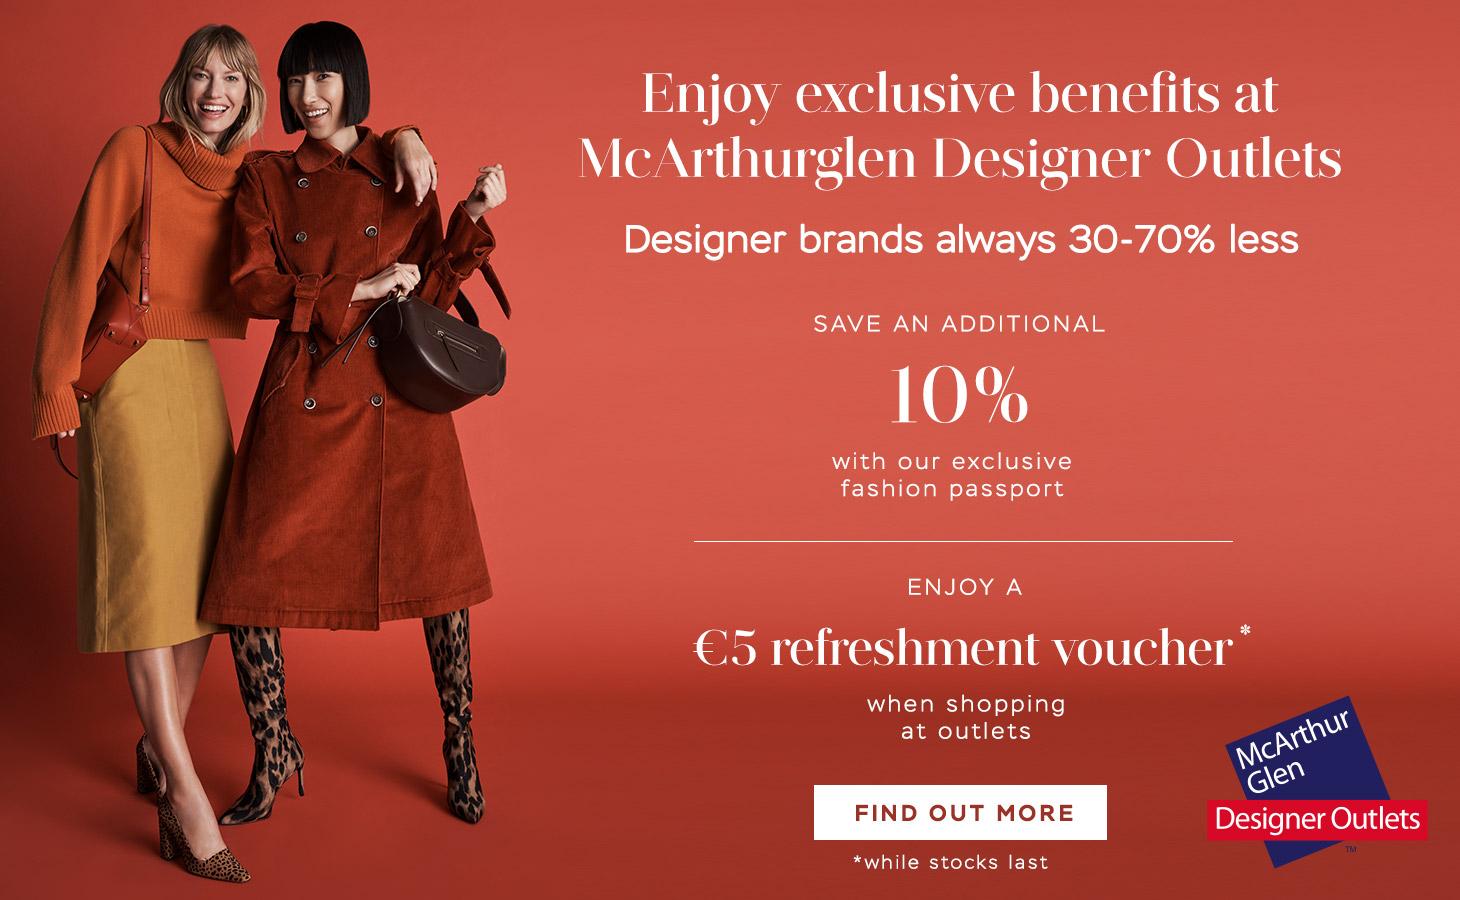 McArthurglen Designer Outlets McArthurglen